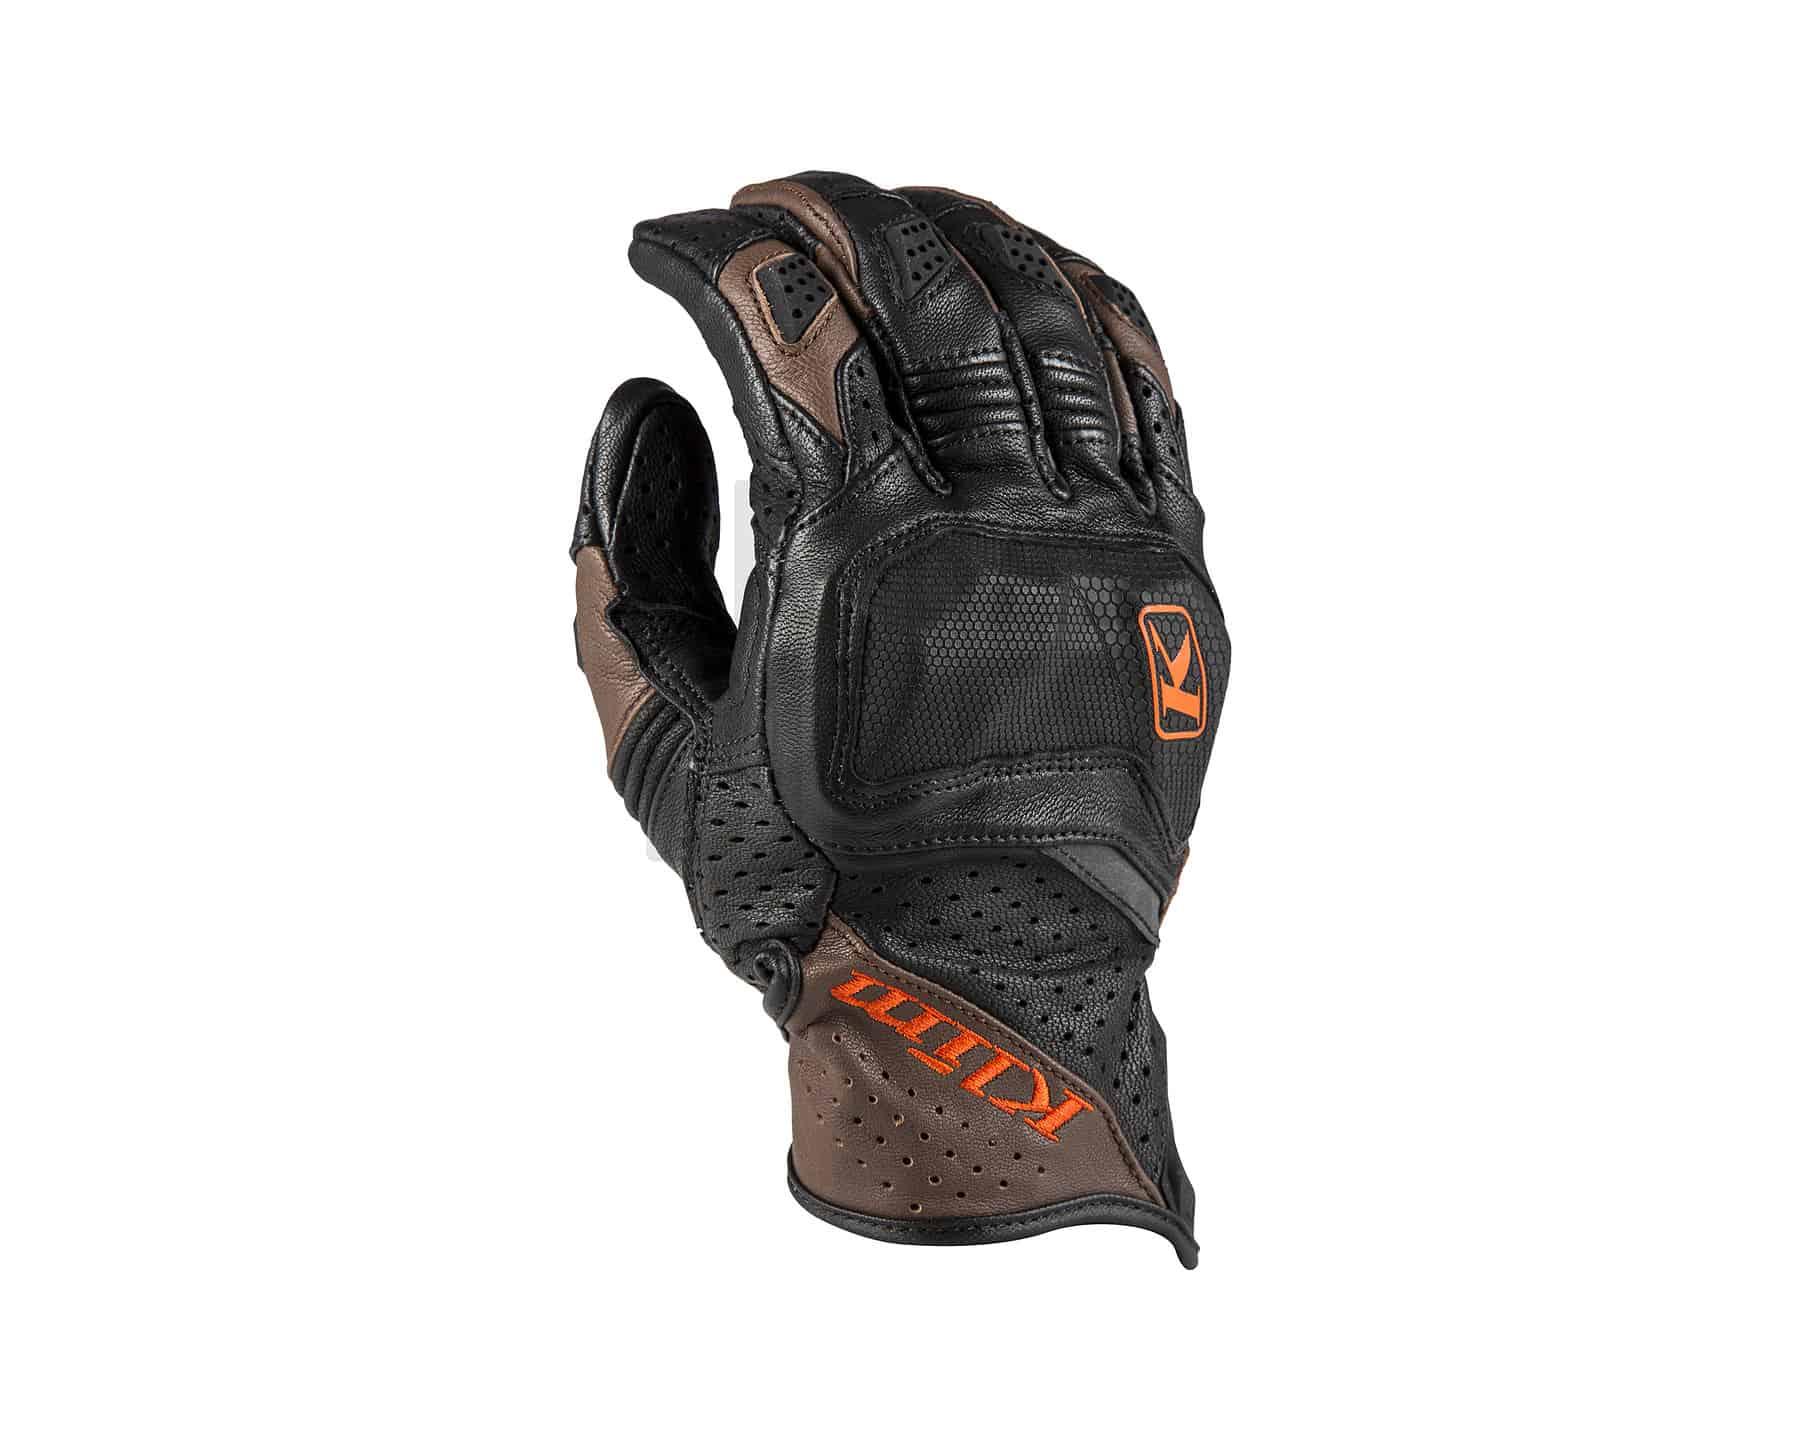 Badlands Aero Pro Short Glove_3924-000_Brown_01